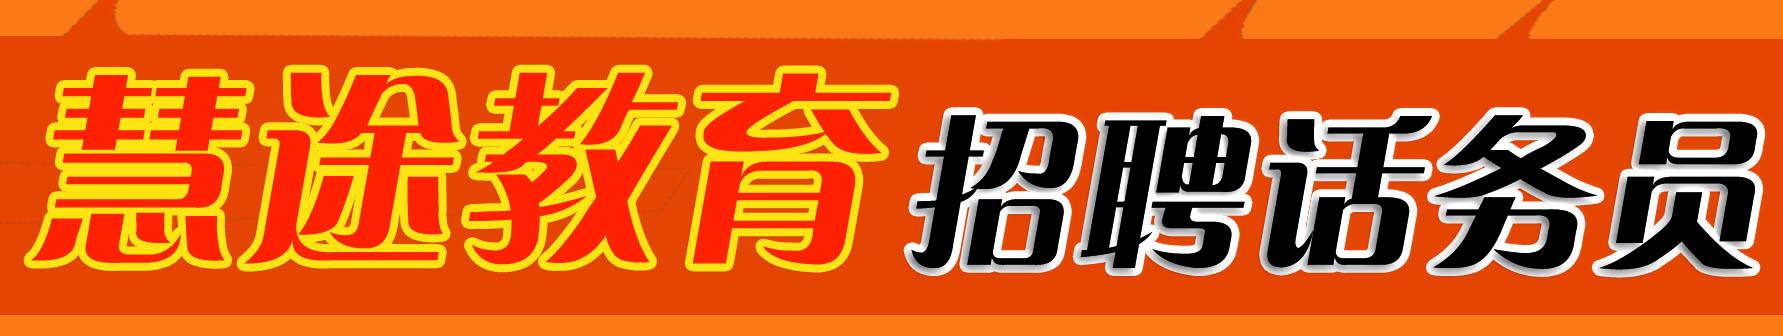 天津慧途职业教育公司